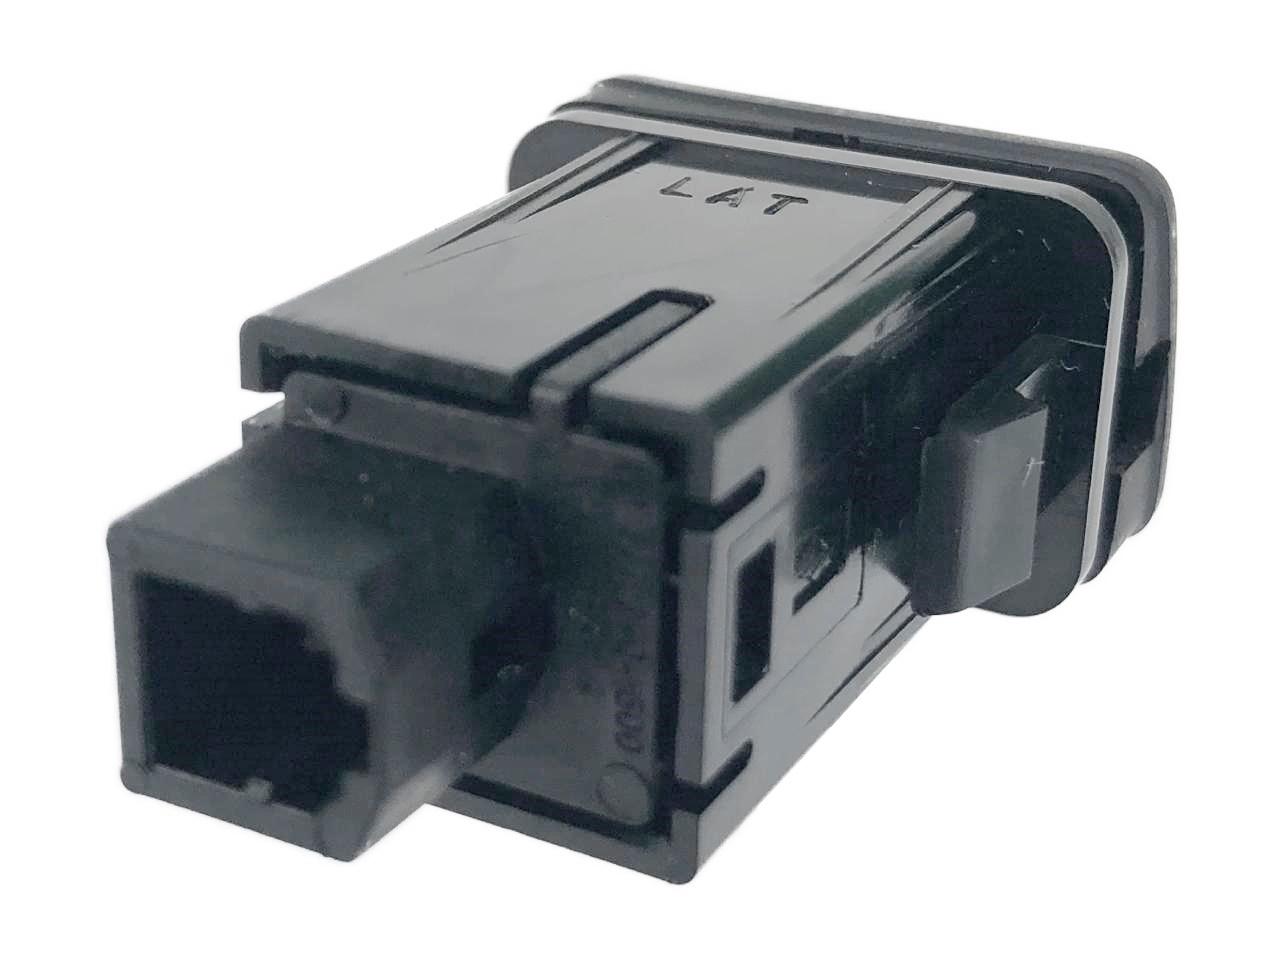 Botão Interruptor de Regulagem do Hodometro Trip do Painel 39x0401500 Hyundai Hb20 012 013 014 015 016 017 018